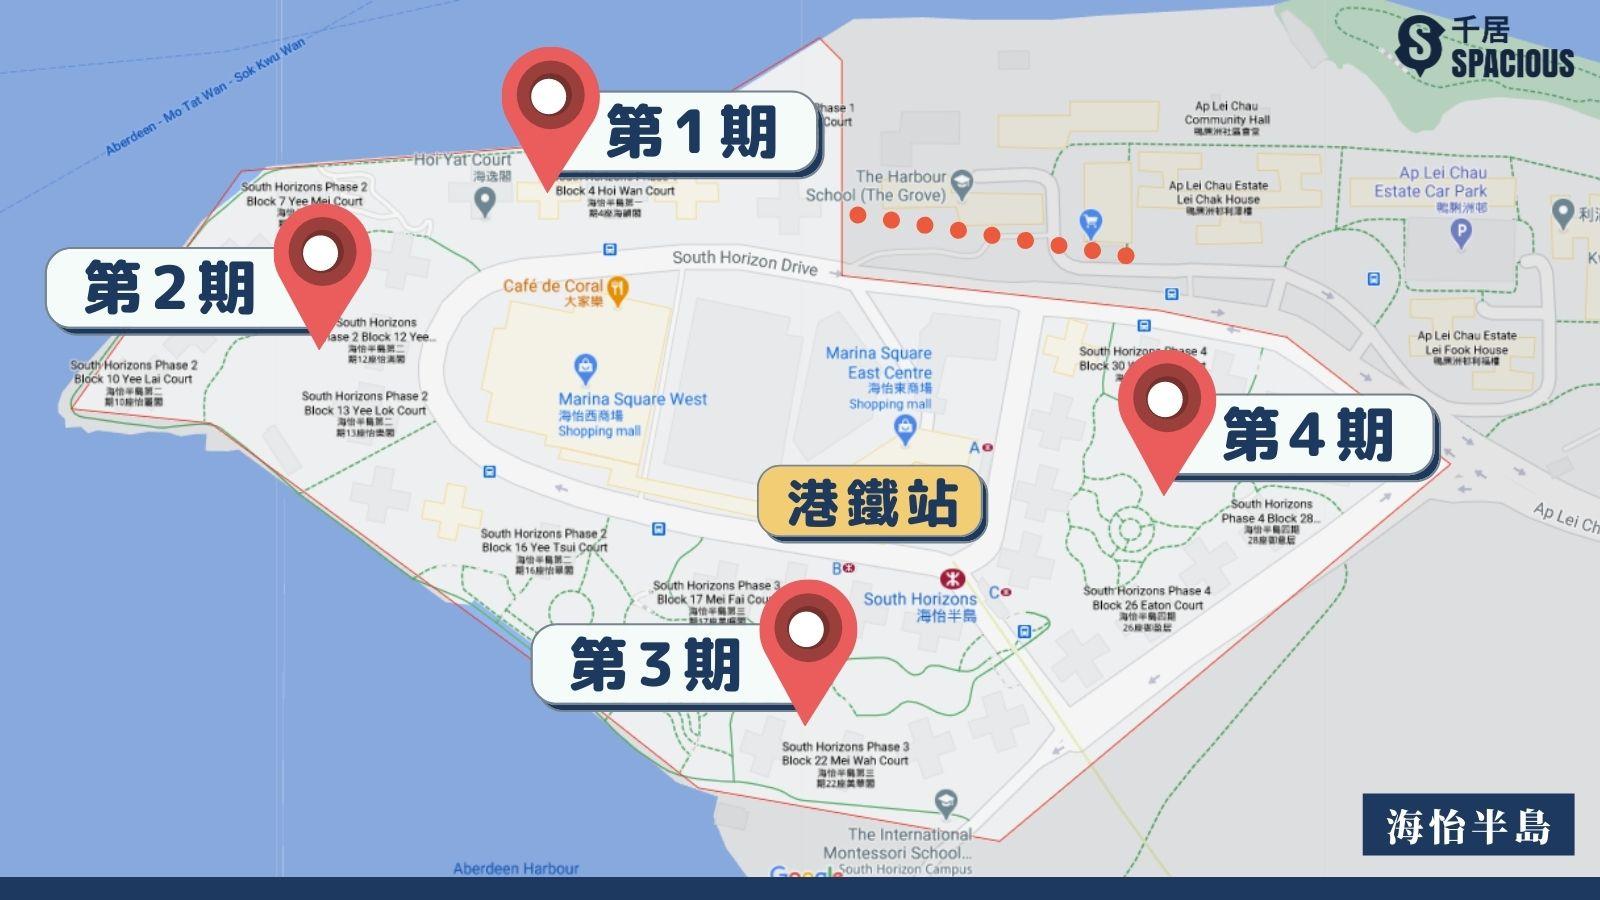 海怡半島不同期數位置圖